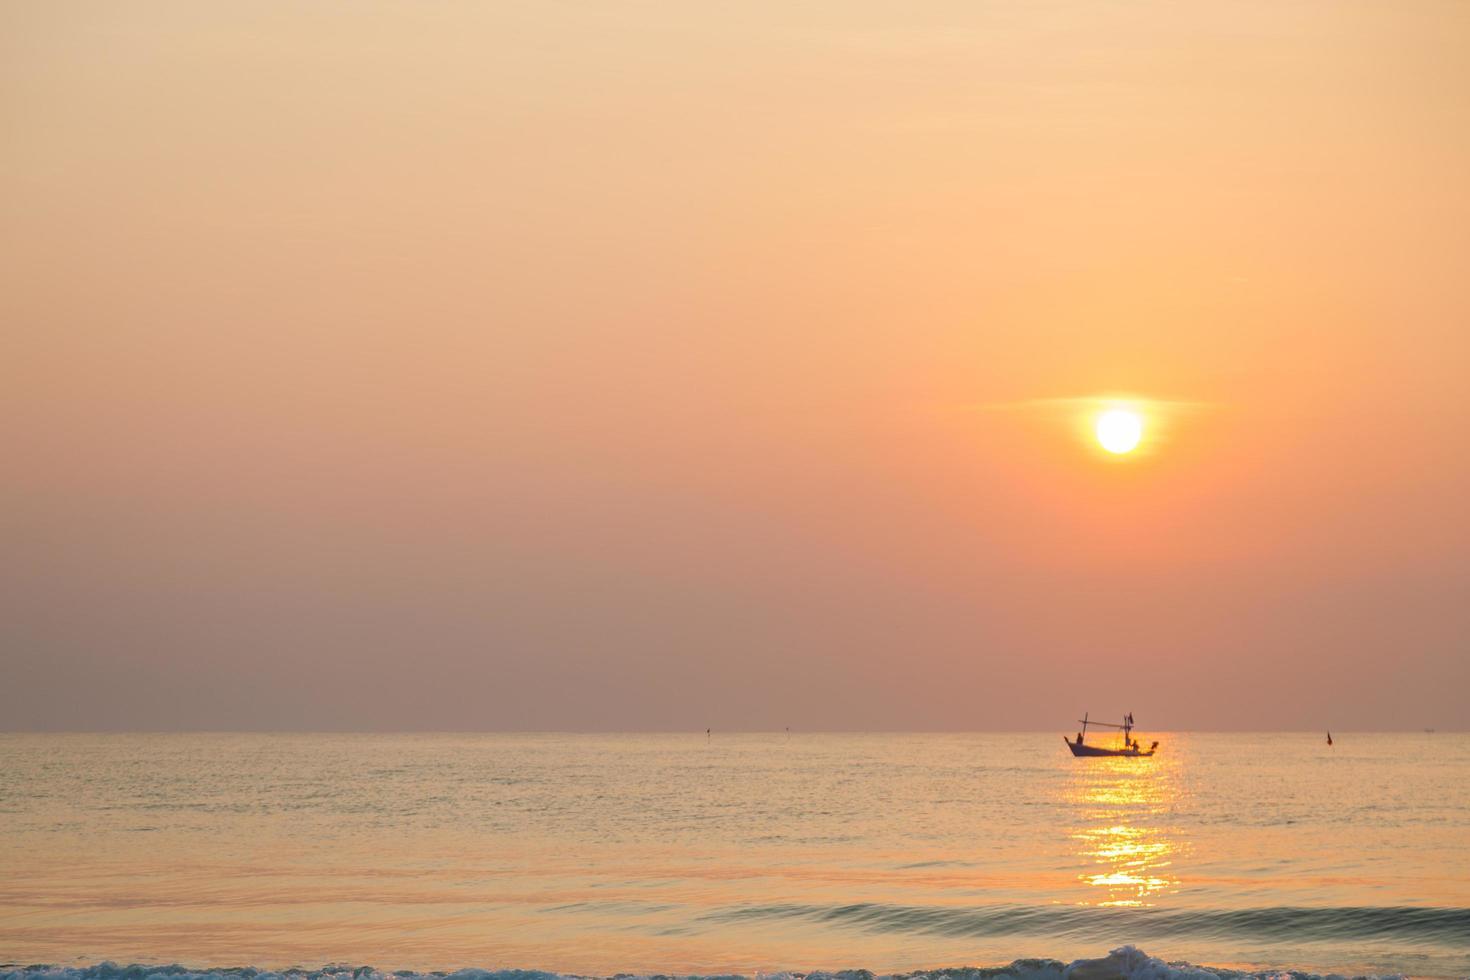 bateau de pêche sur la mer au lever du soleil photo